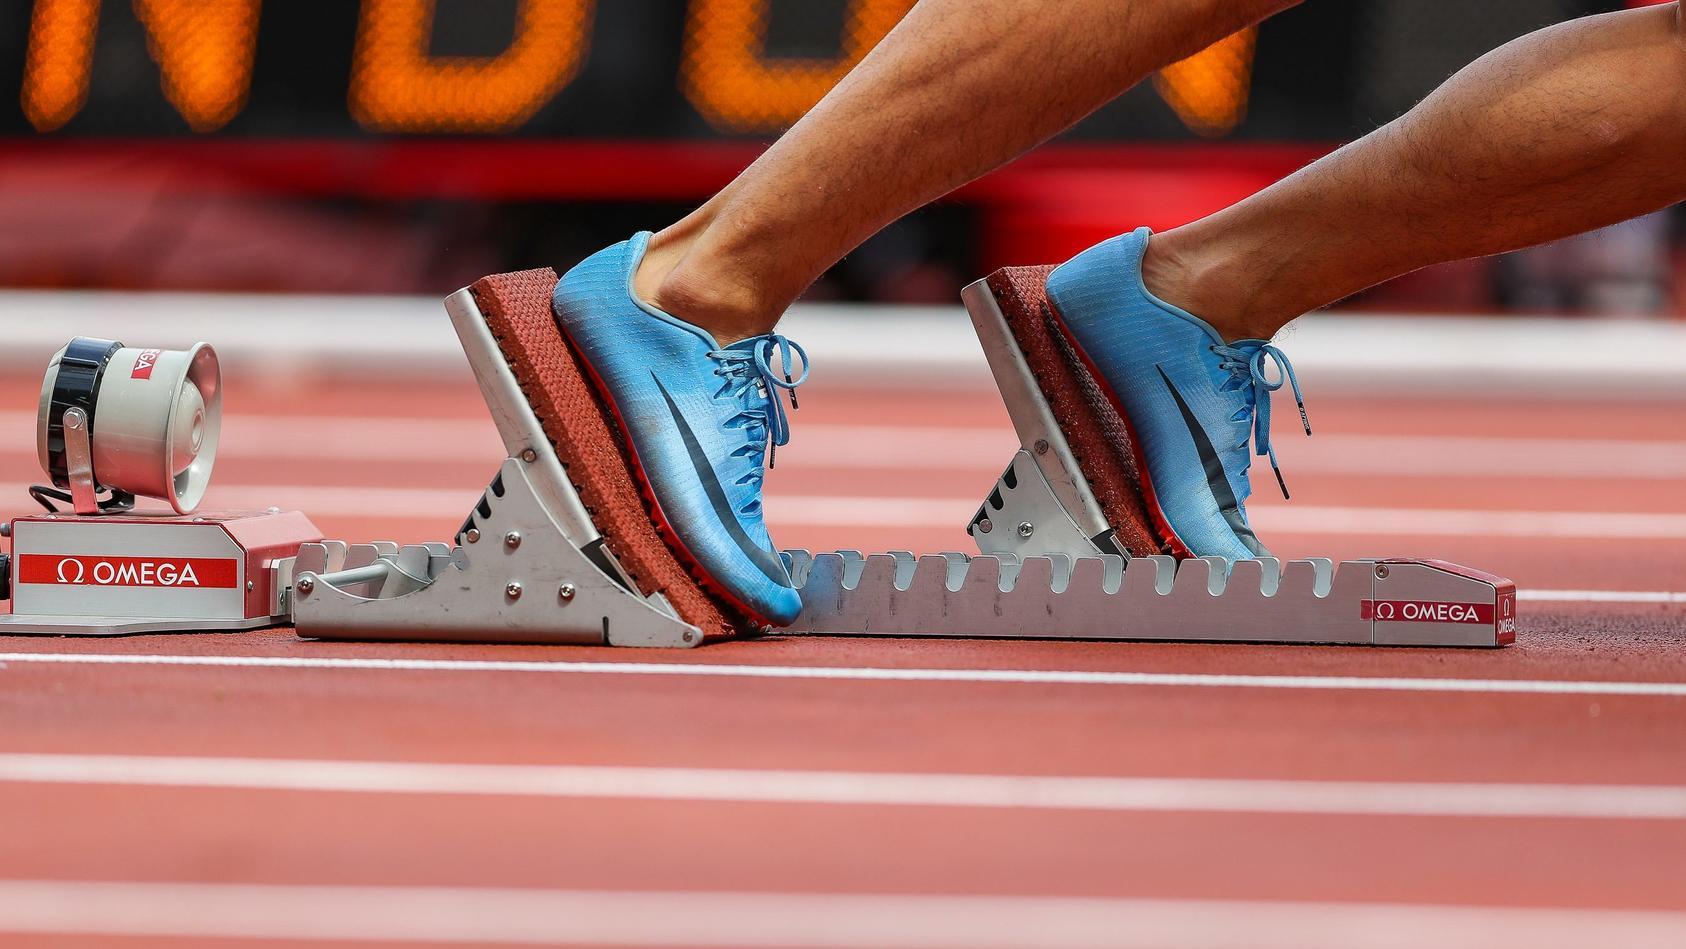 Doping: Ephedrin-Tabletten sorgen dafür, dass Noradrenalin auf künstliche Weise ins Blut freigesetzt wird.